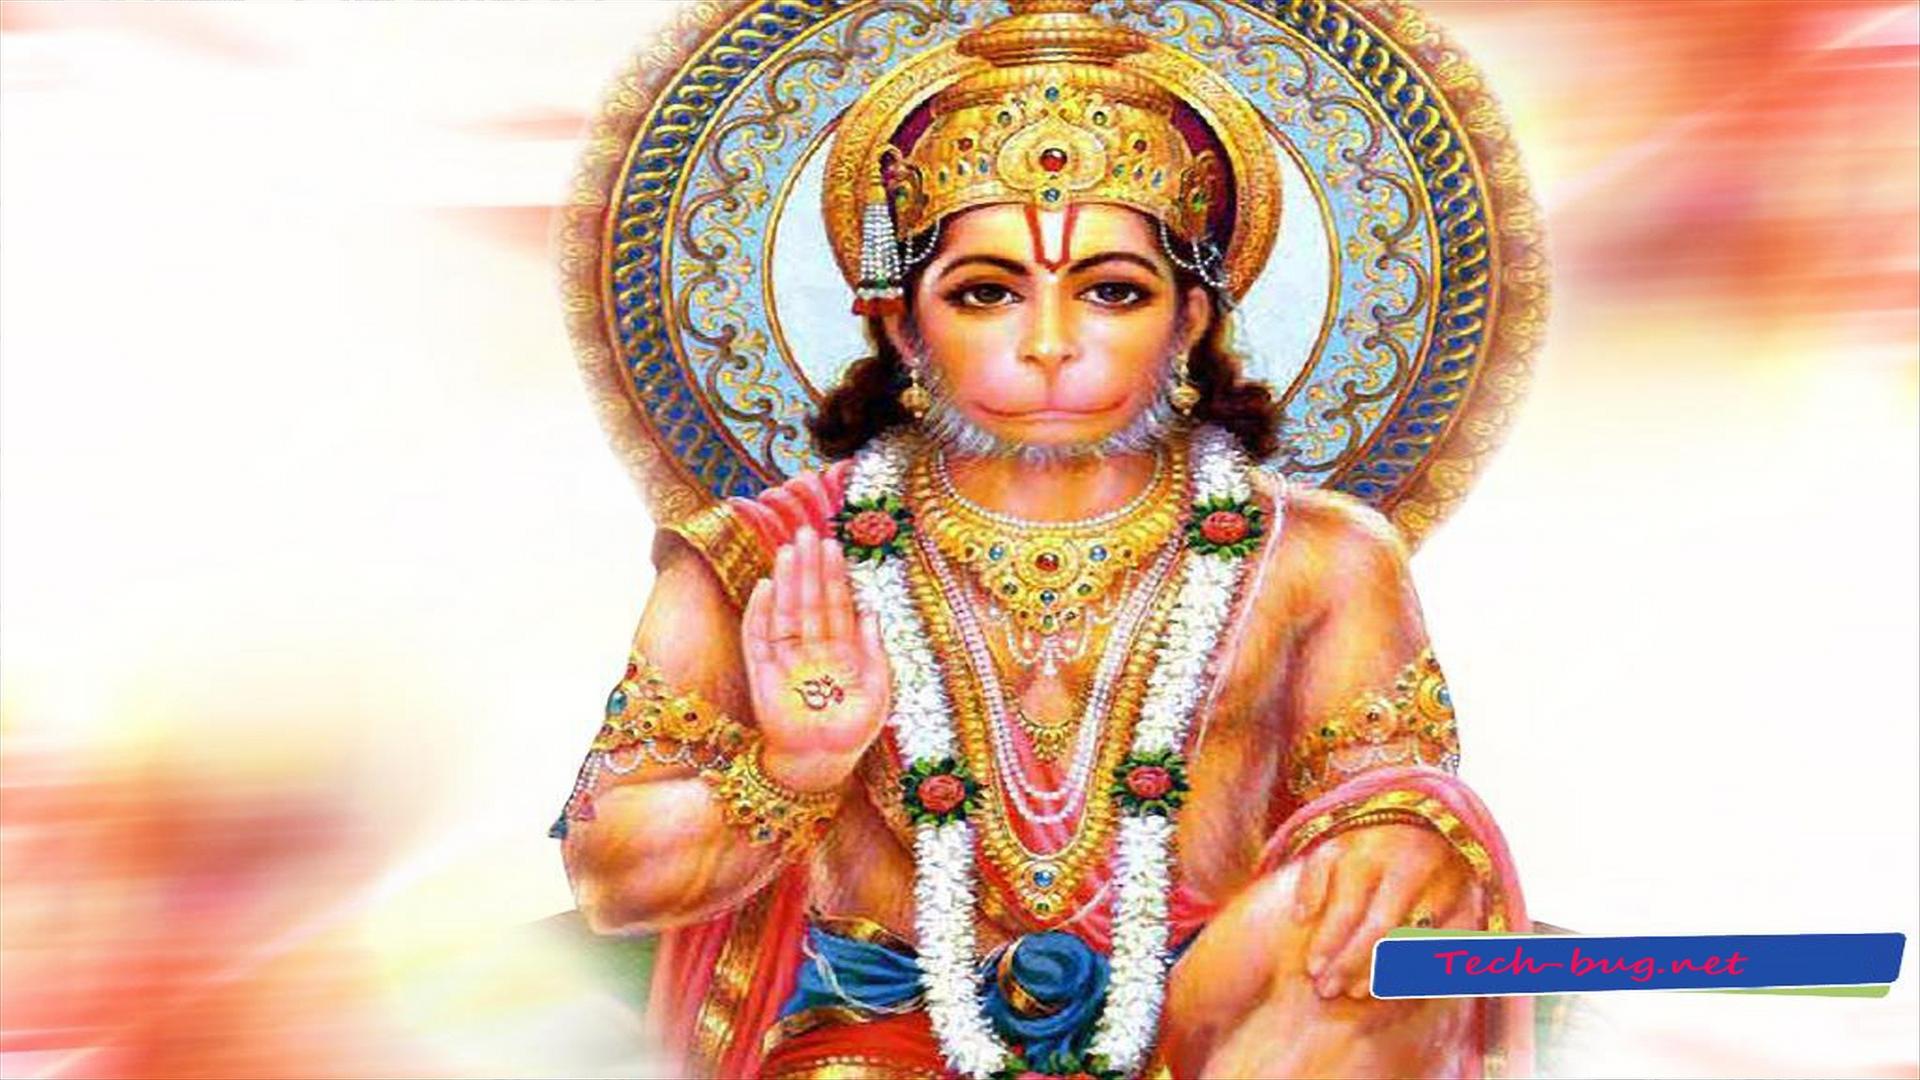 Hindu God Hanumaan Pawan Putra 1920X1080 Pixels Full HD Wallpapers 1920x1080